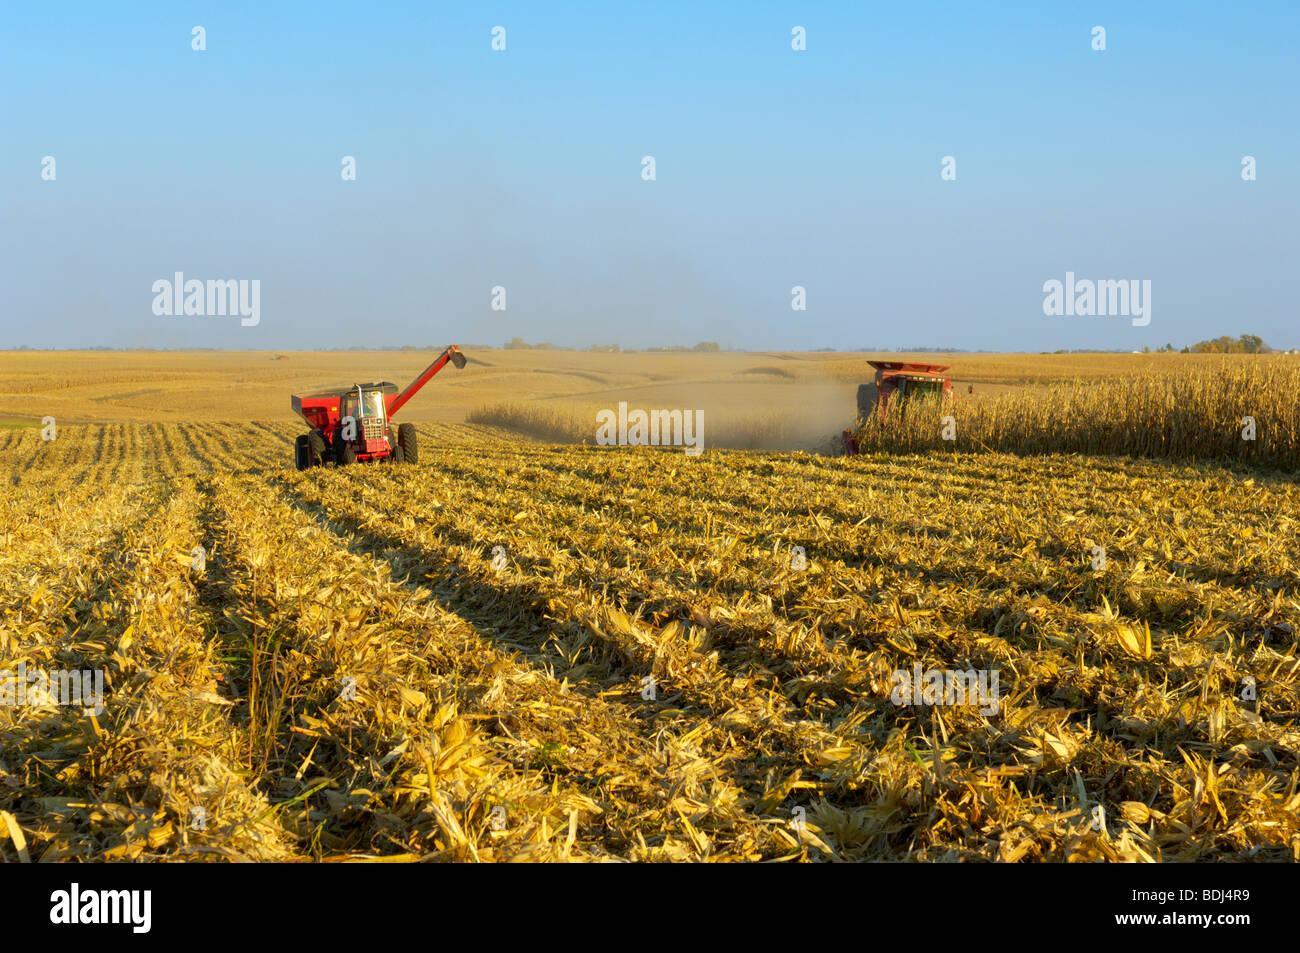 Une moissonneuse-batteuse récoltes une récolte de maïs-grain dans un grand champ de céréales, Photo Stock